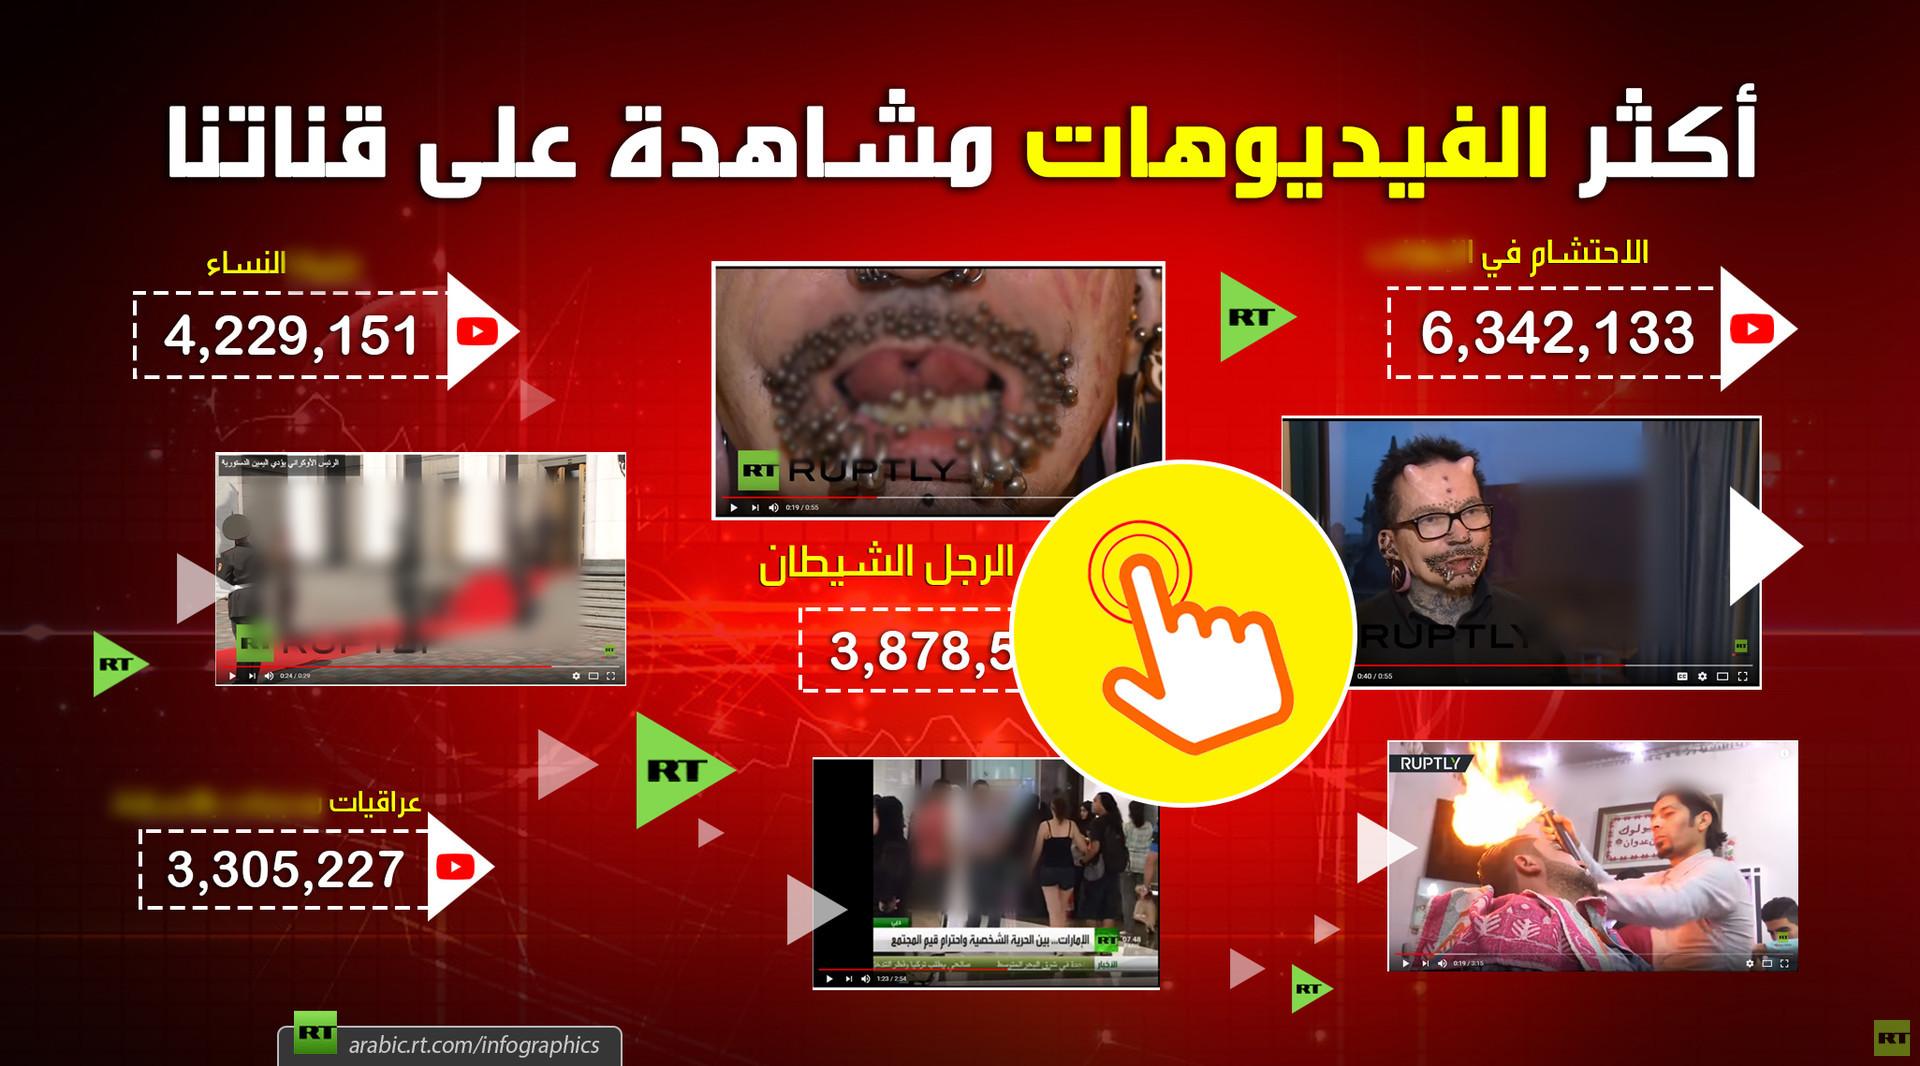 فيديوهات حطمت الأرقام على قناتنا على يوتيوب (الفيديوهات +إنفوجرافيك)